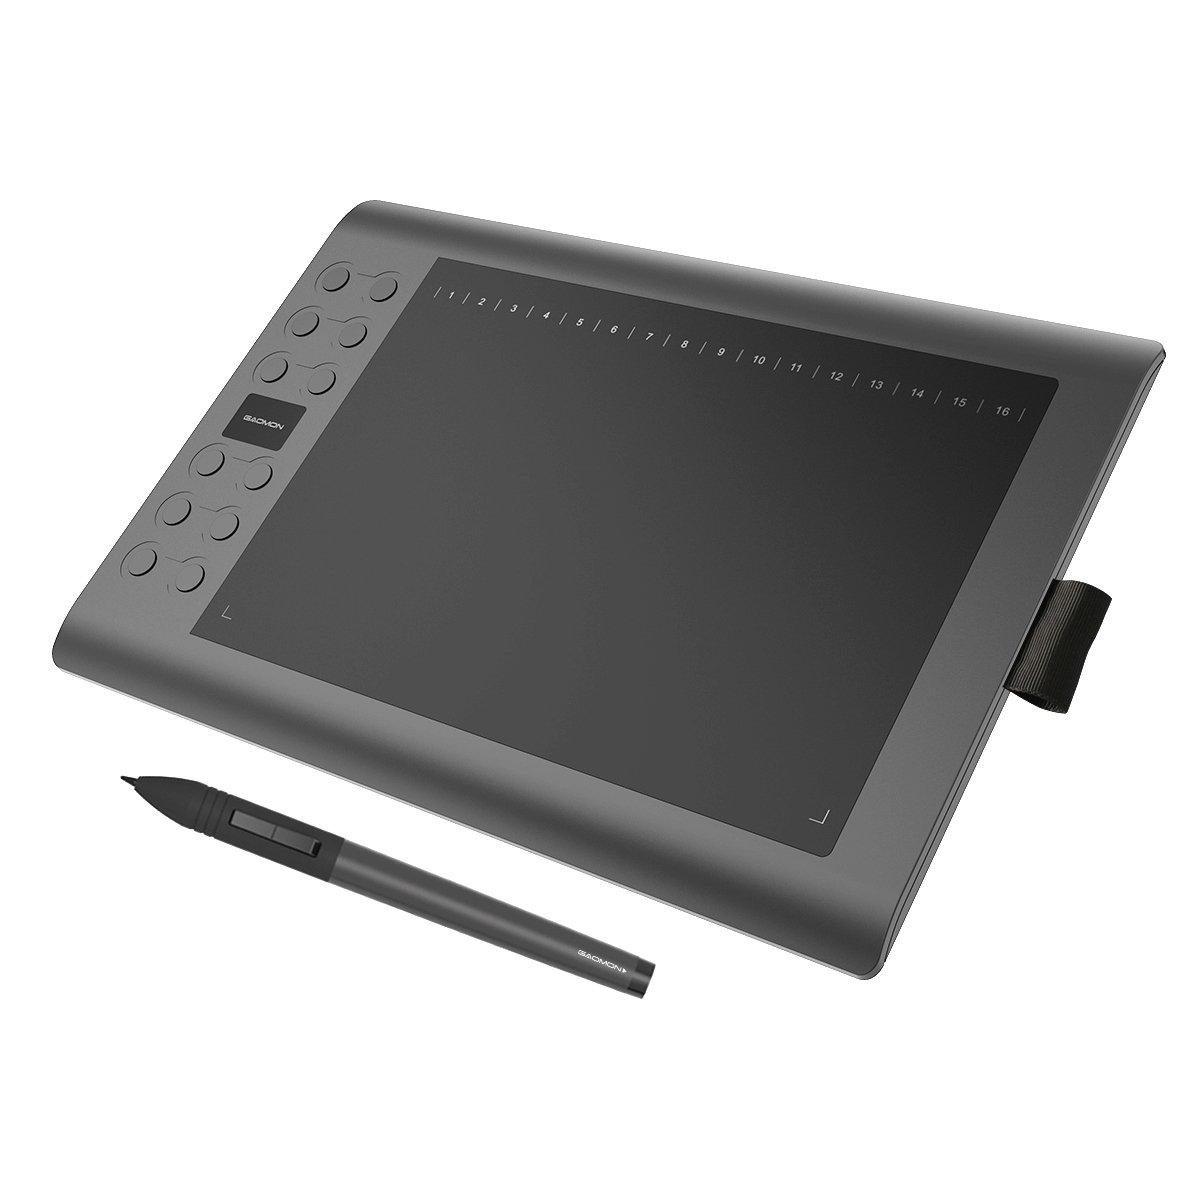 GAOMON MK Professional x pulgadas Dibujo Digital Pen Tableta gráfica